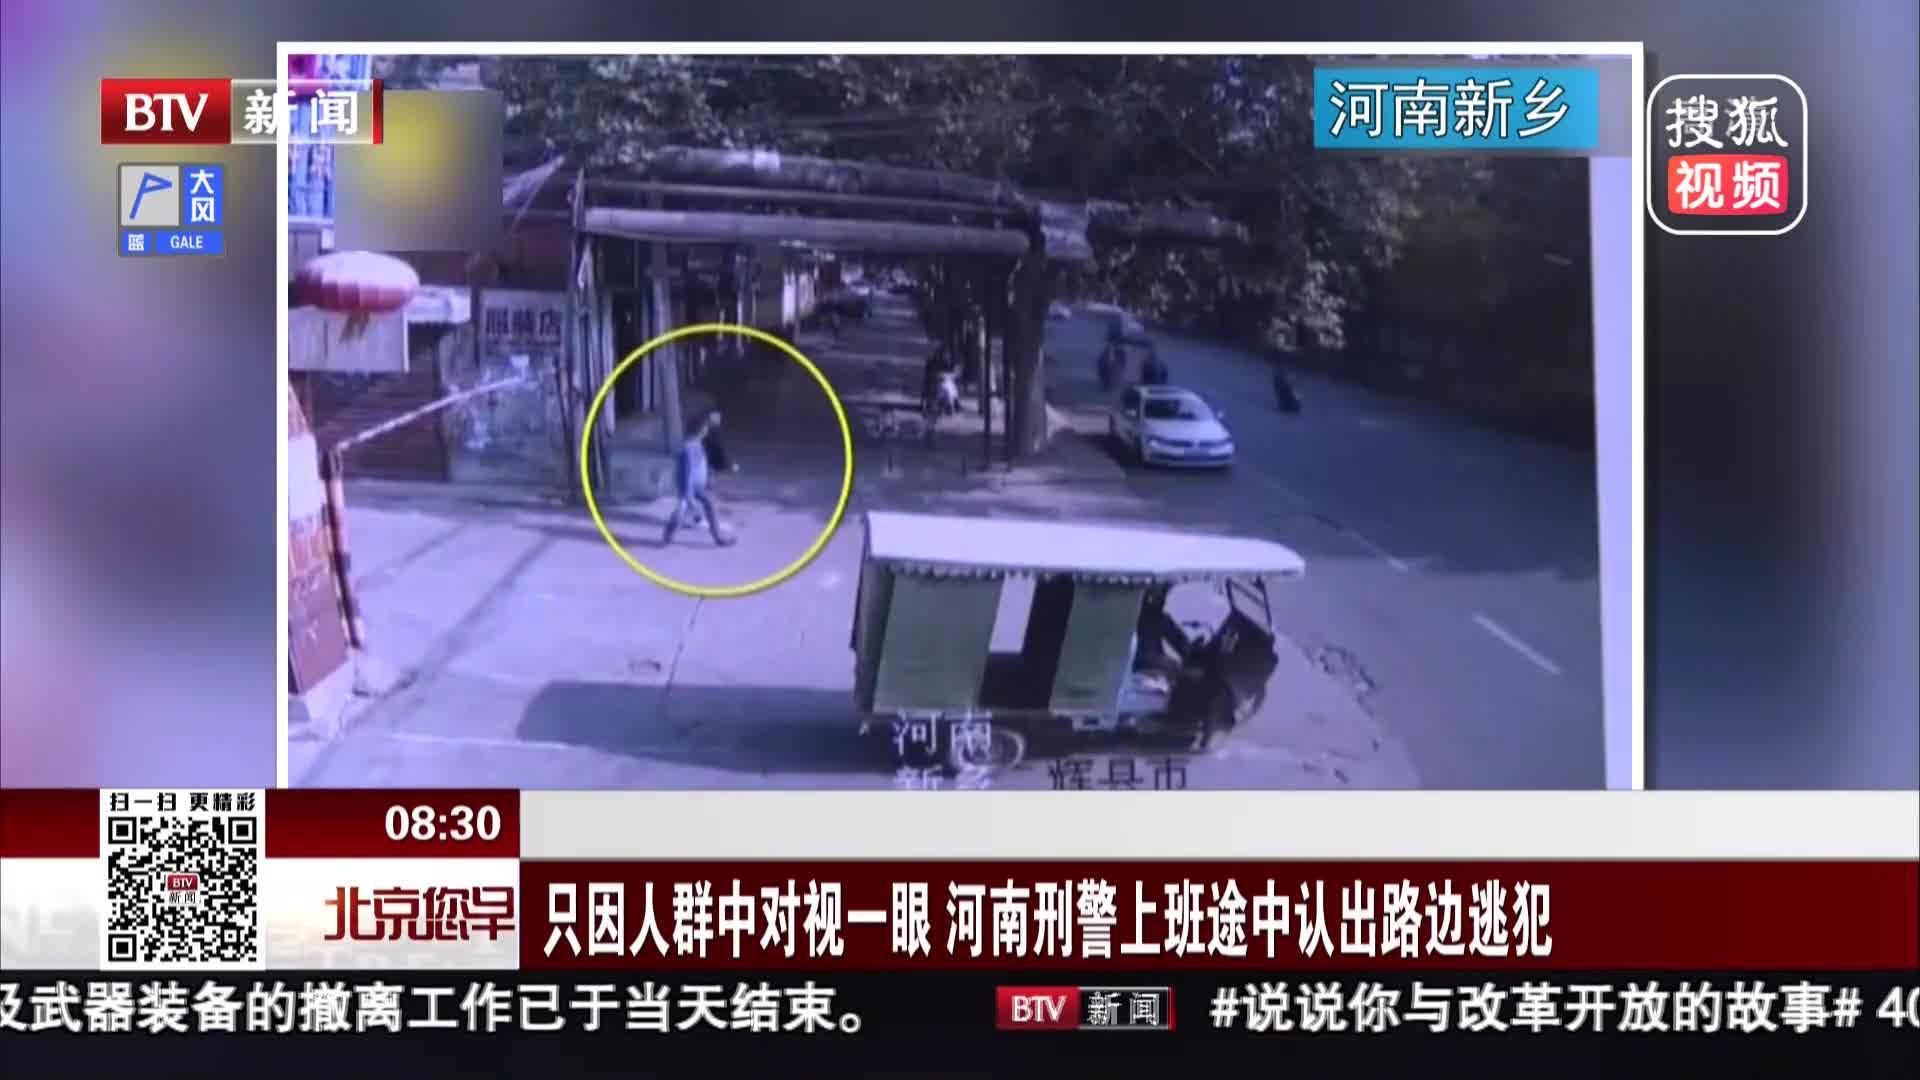 [视频]只因人群中对视一眼 河南刑警上班途中认出路边逃犯